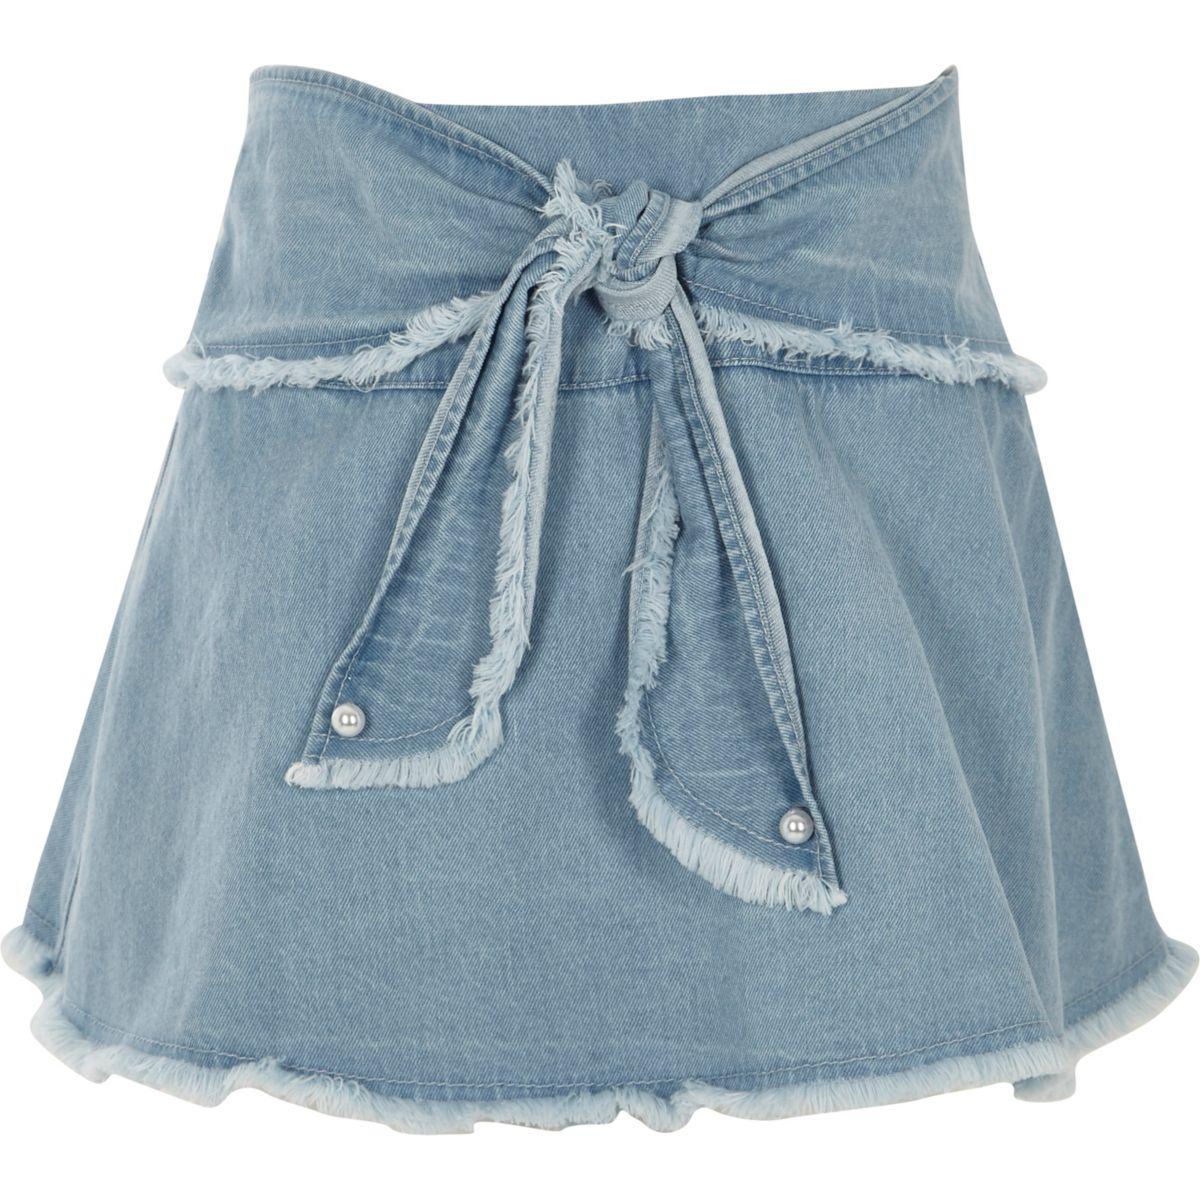 Blauer Jeans-Hosenrock mit Fransen